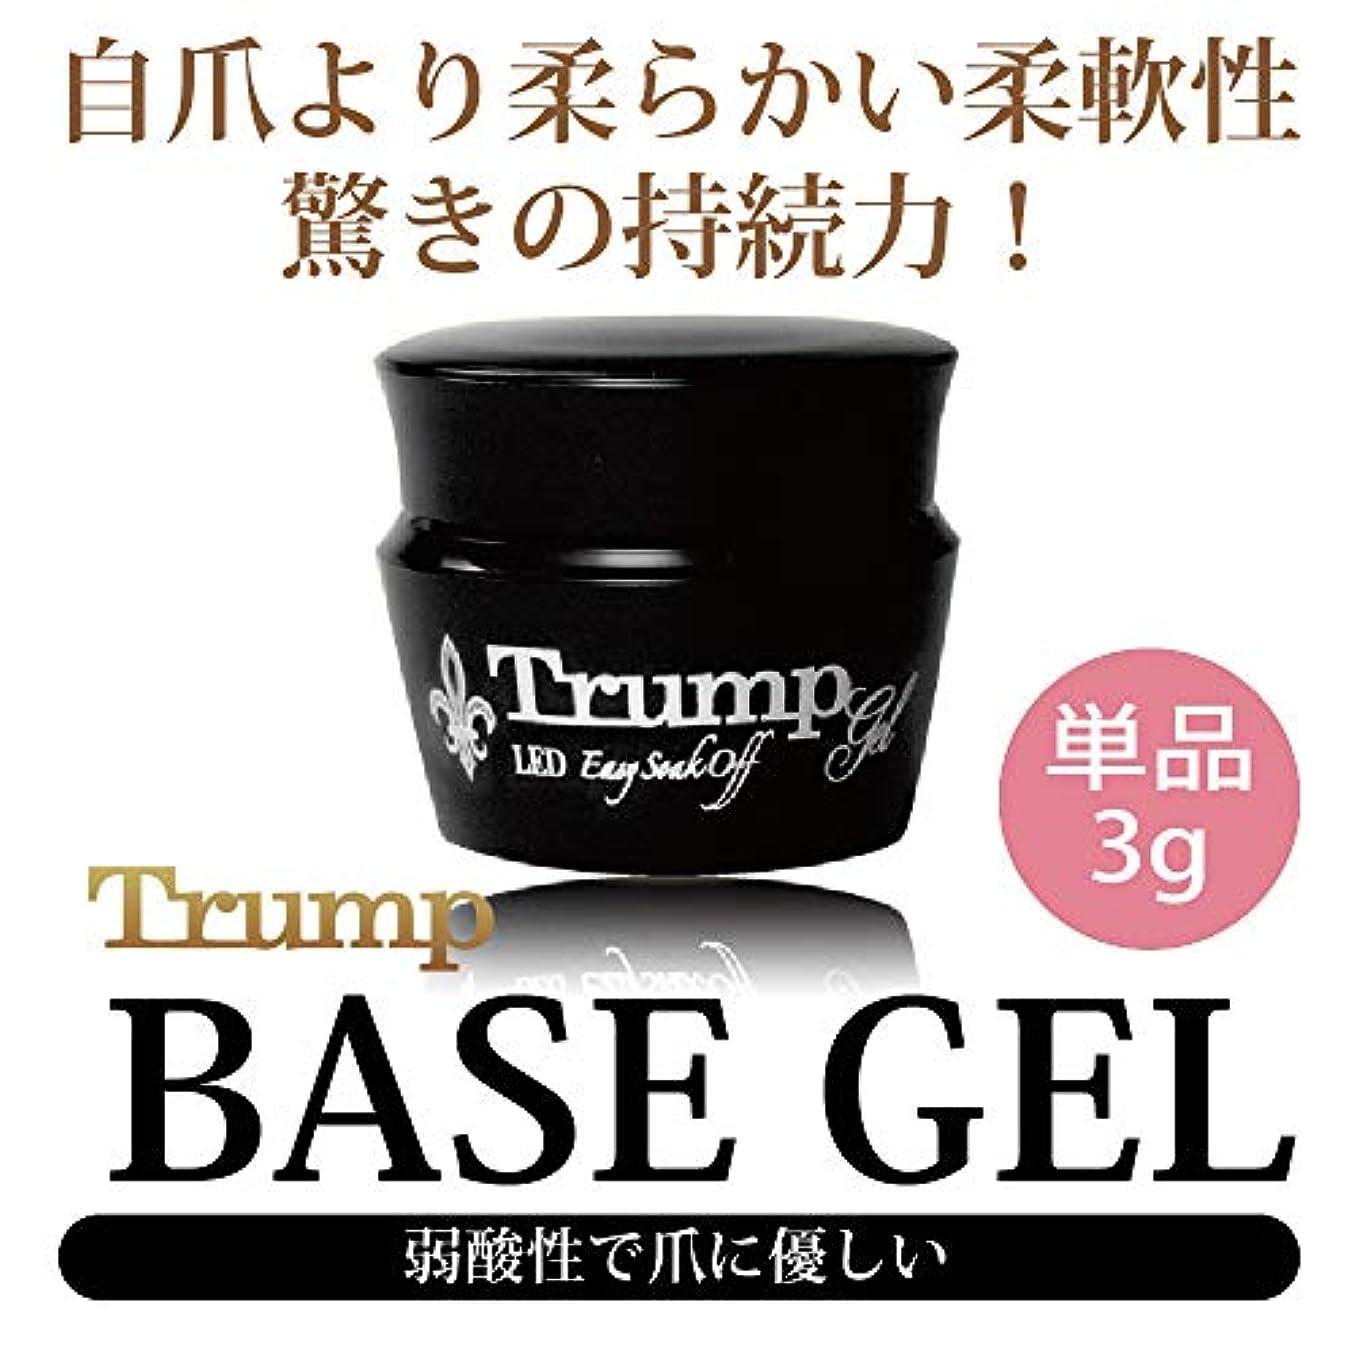 雲シャイフリルTrump gel トランプ ベースジェル 爪に優しい 日本製 驚きの密着力 リムーバーでオフも簡単3g